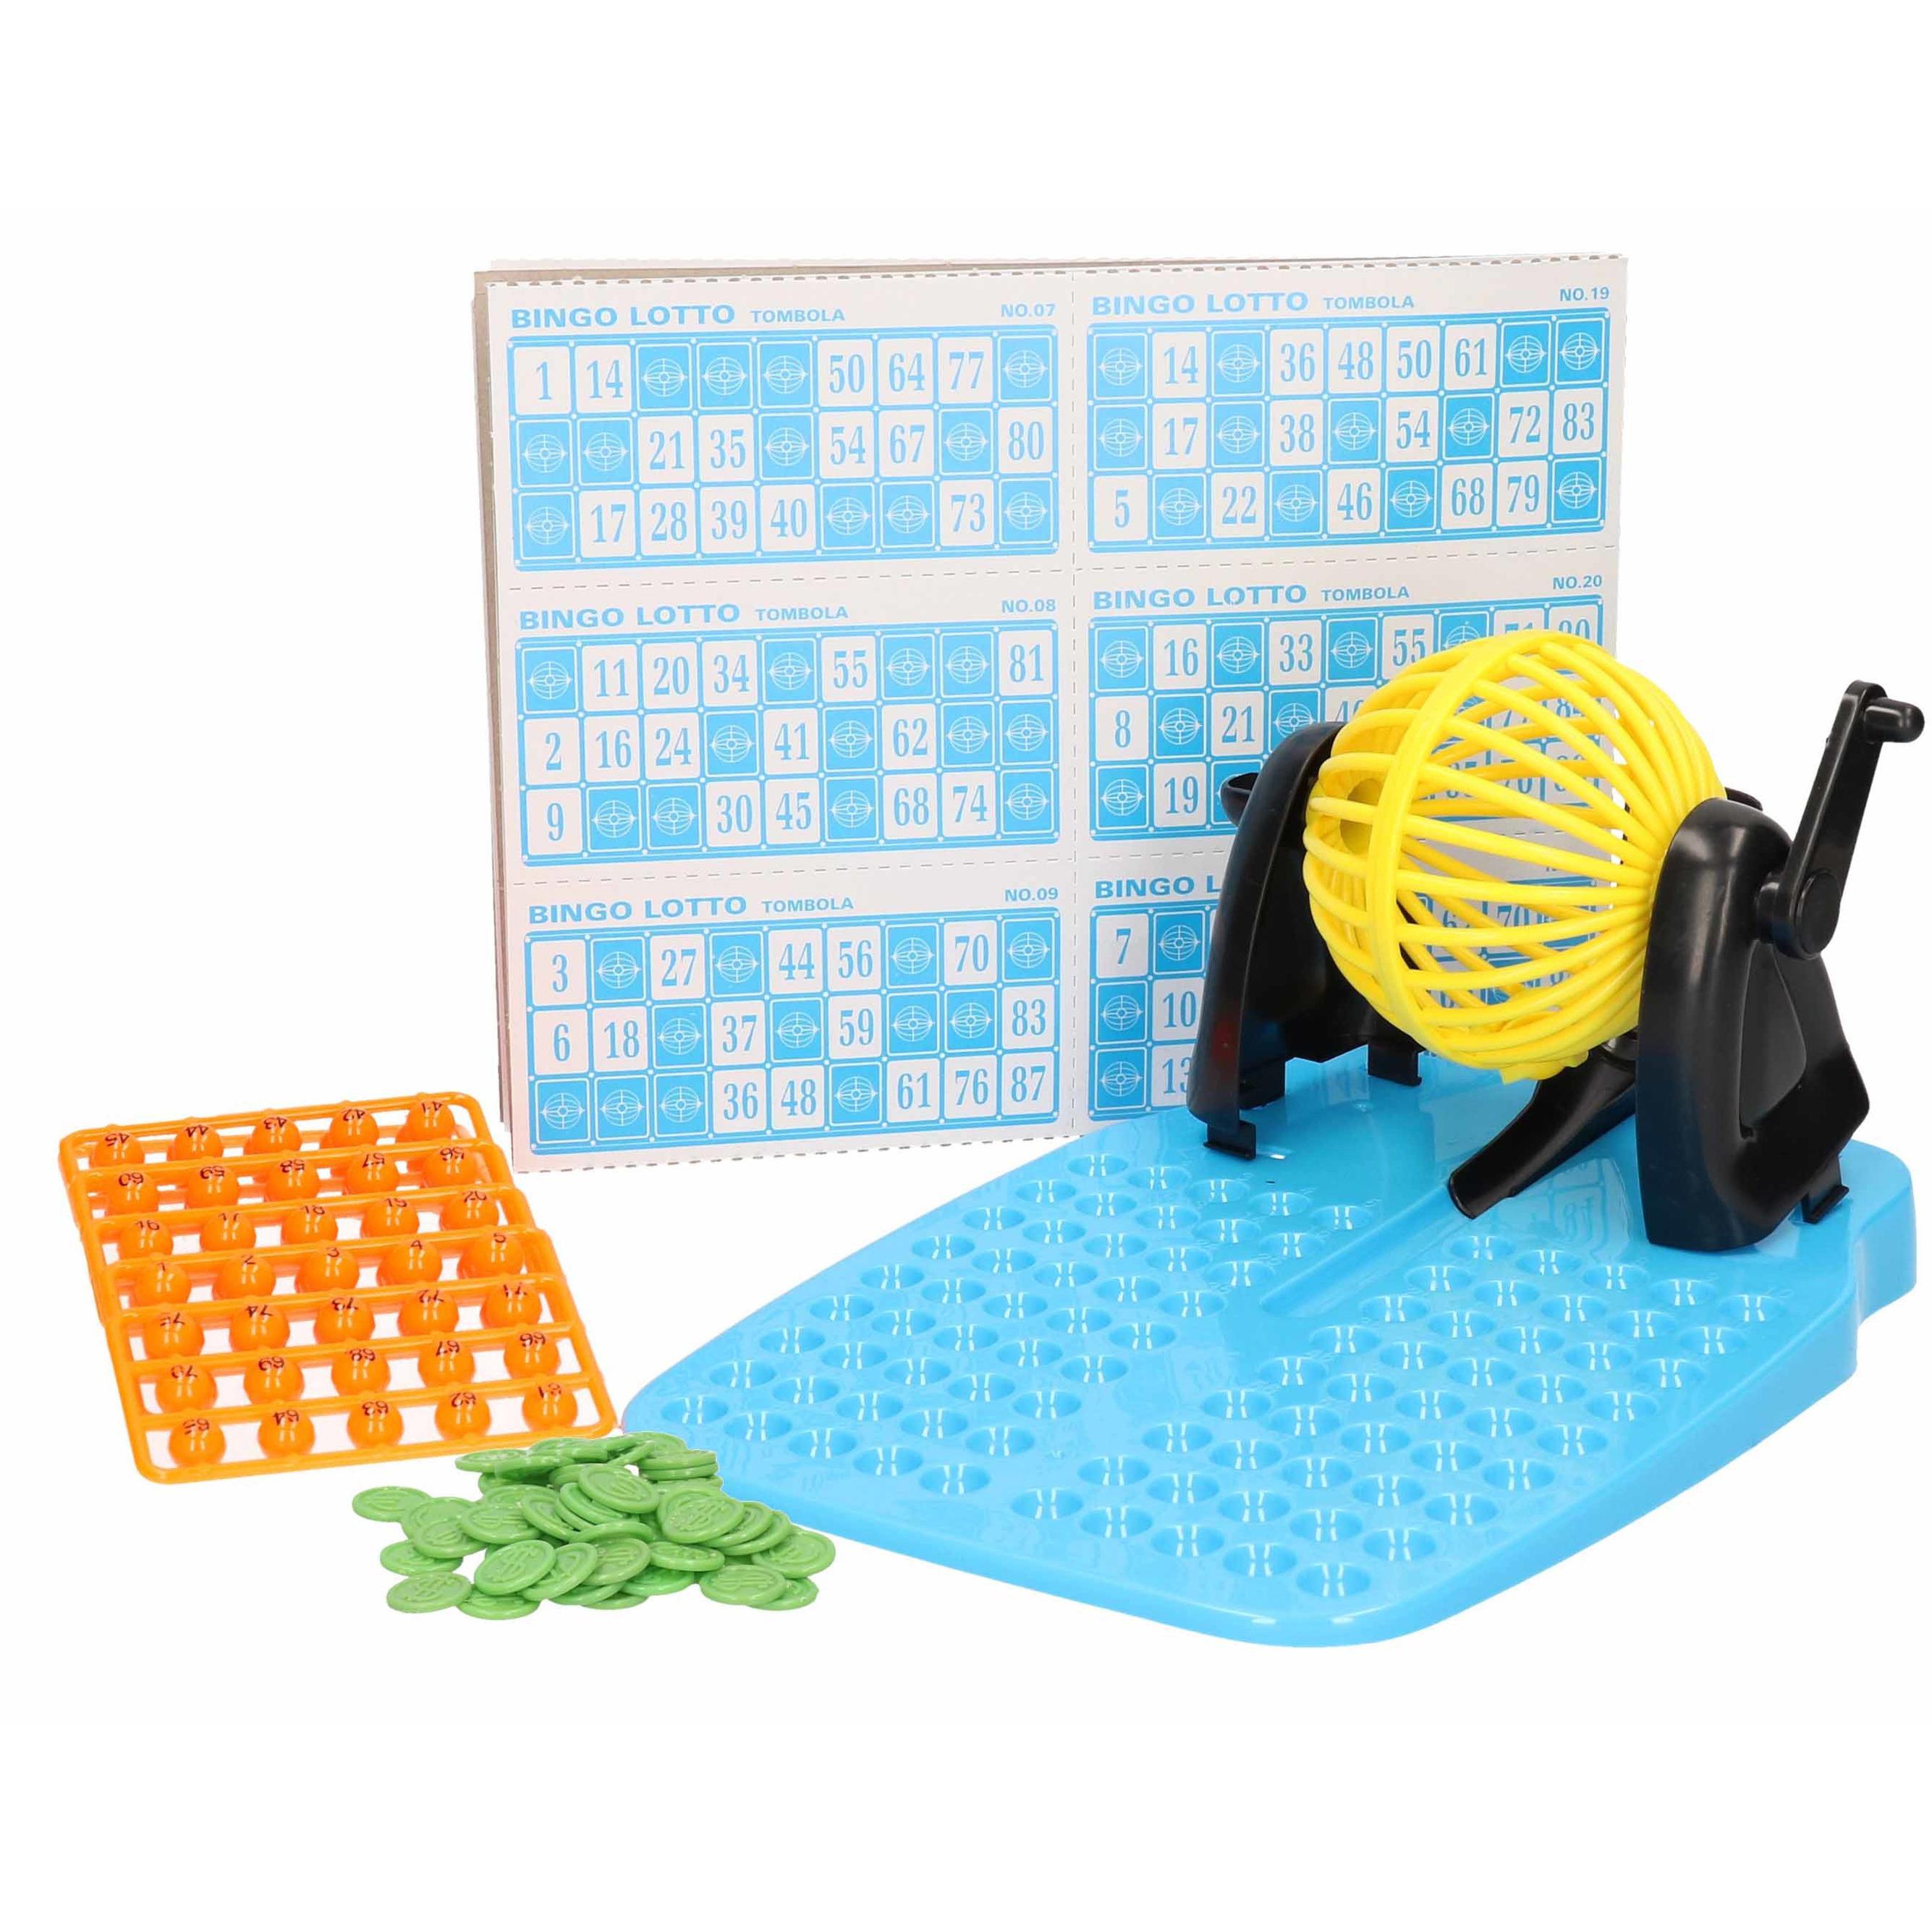 Bingo speelset